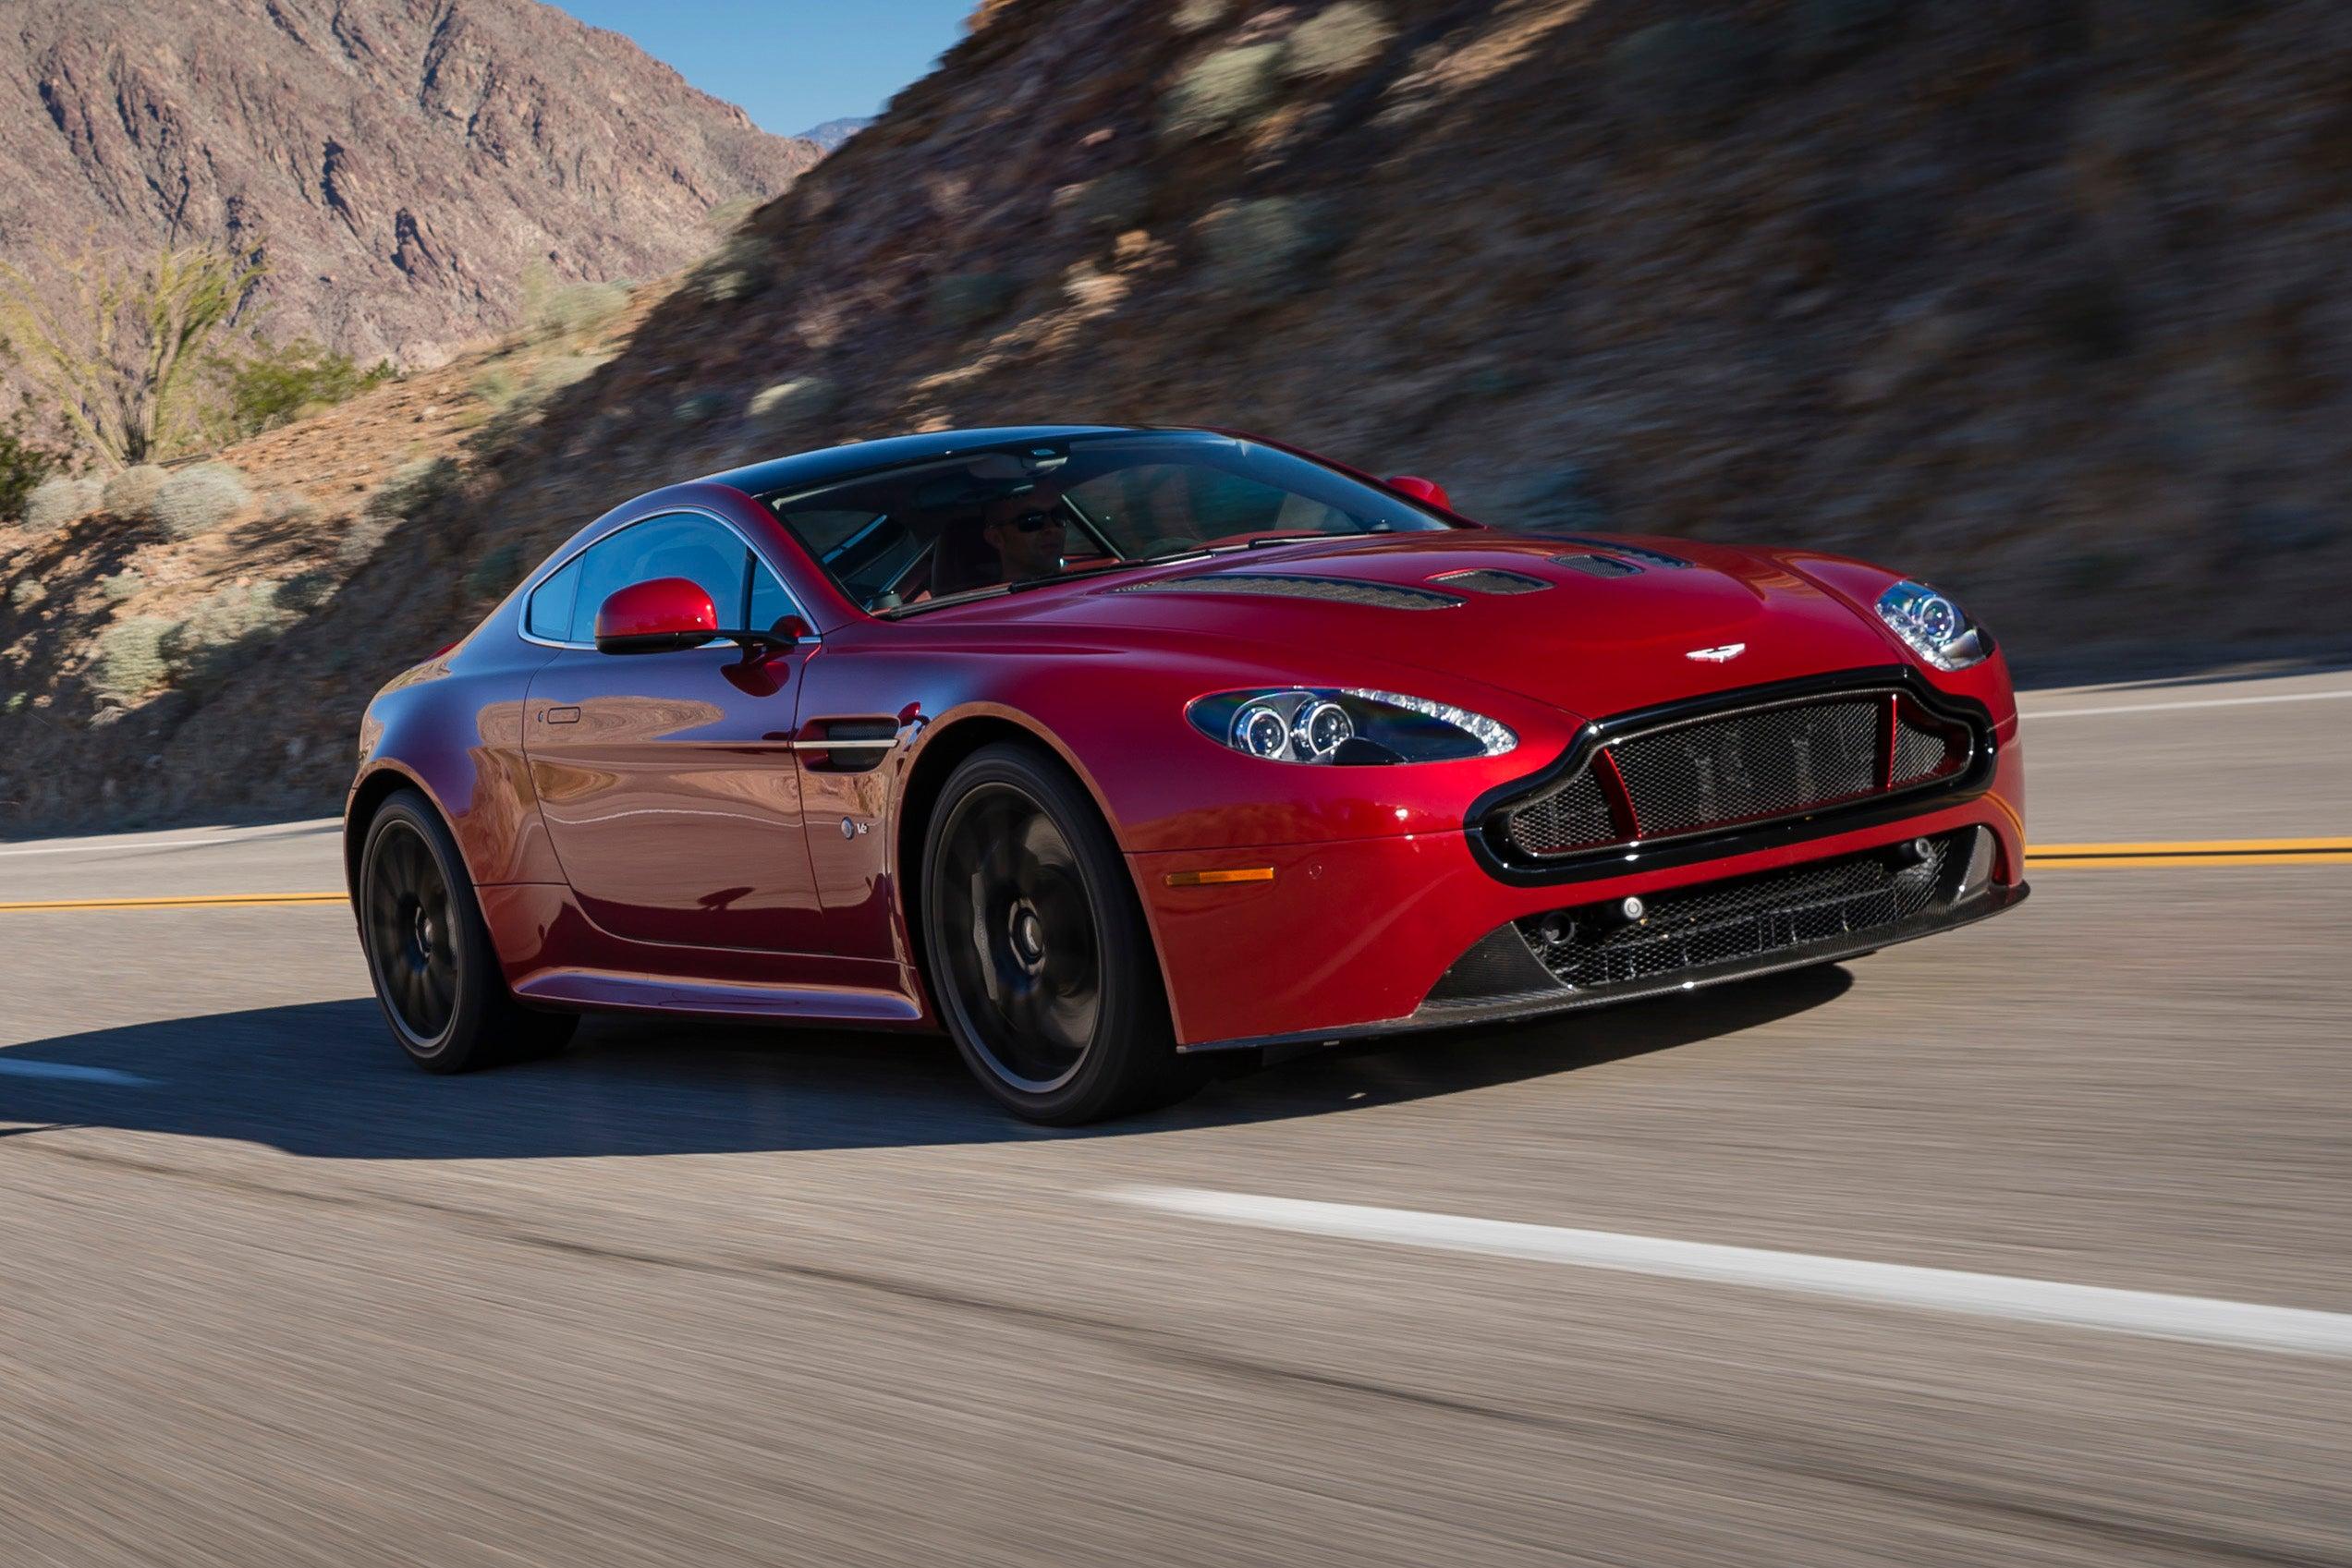 Aston Martin V12 Vantage on road